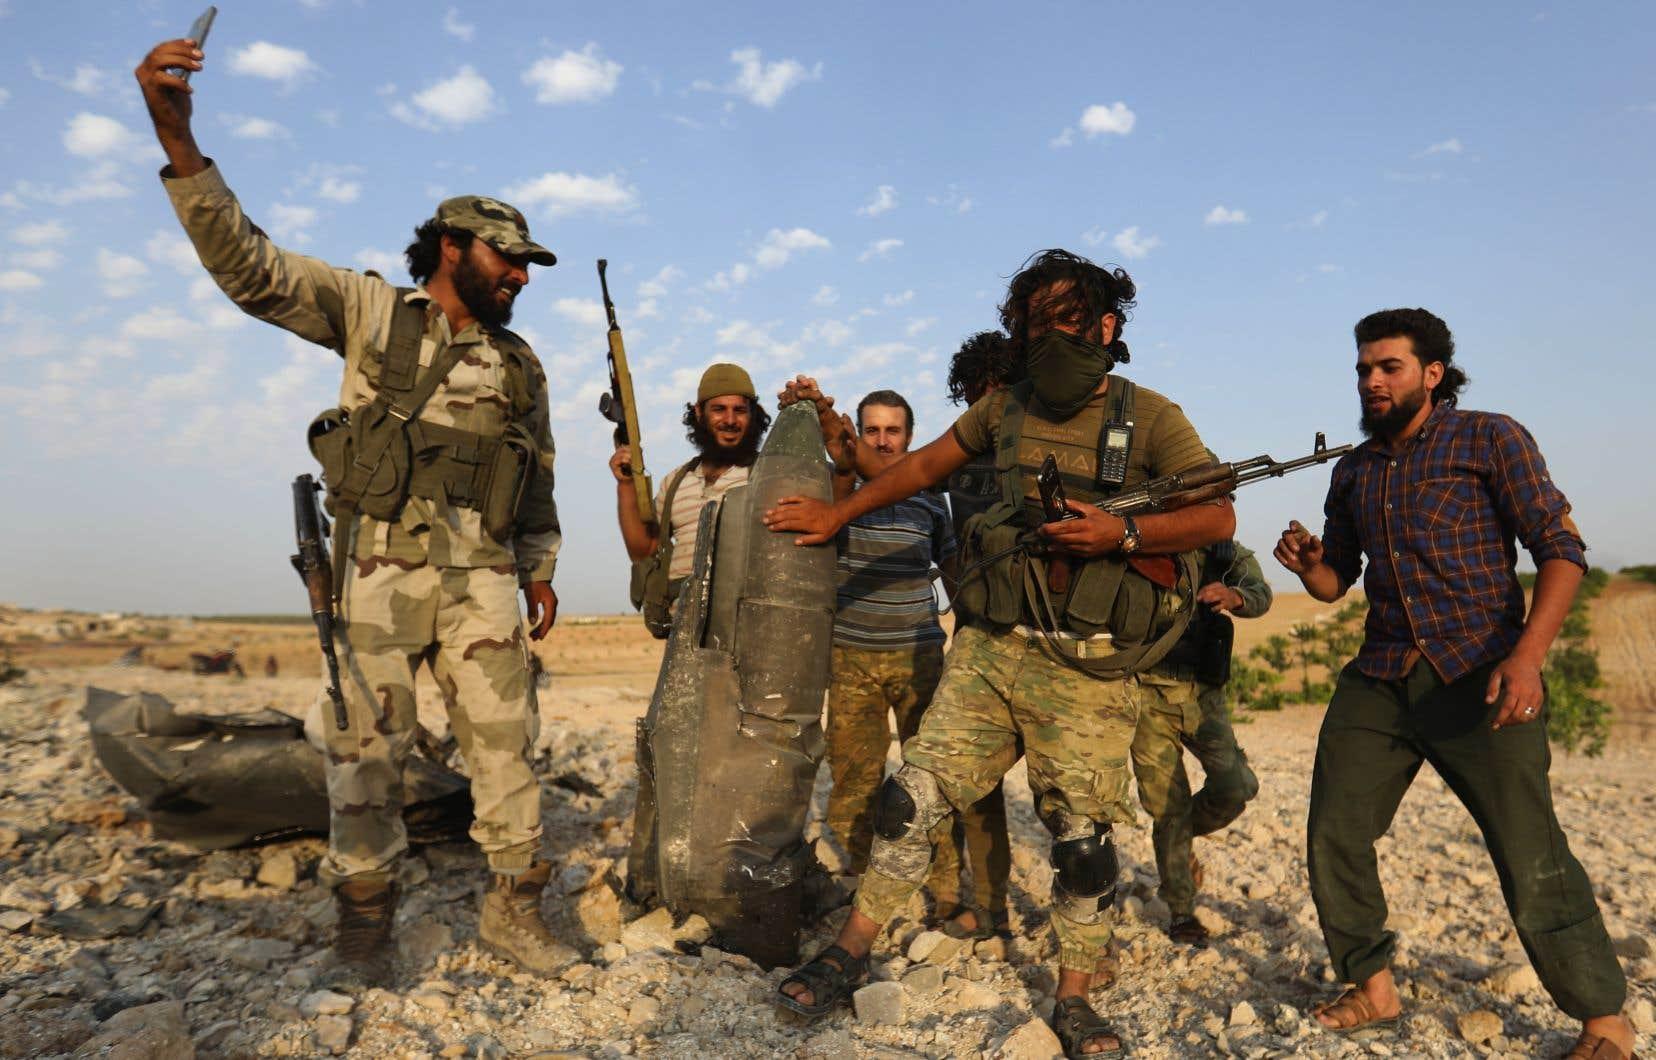 Des combattants rebelles posent avec les restes d'un avion de guerre abattu près Khan Sheikhun, ville tenue par les djihadistes, en Syrie.